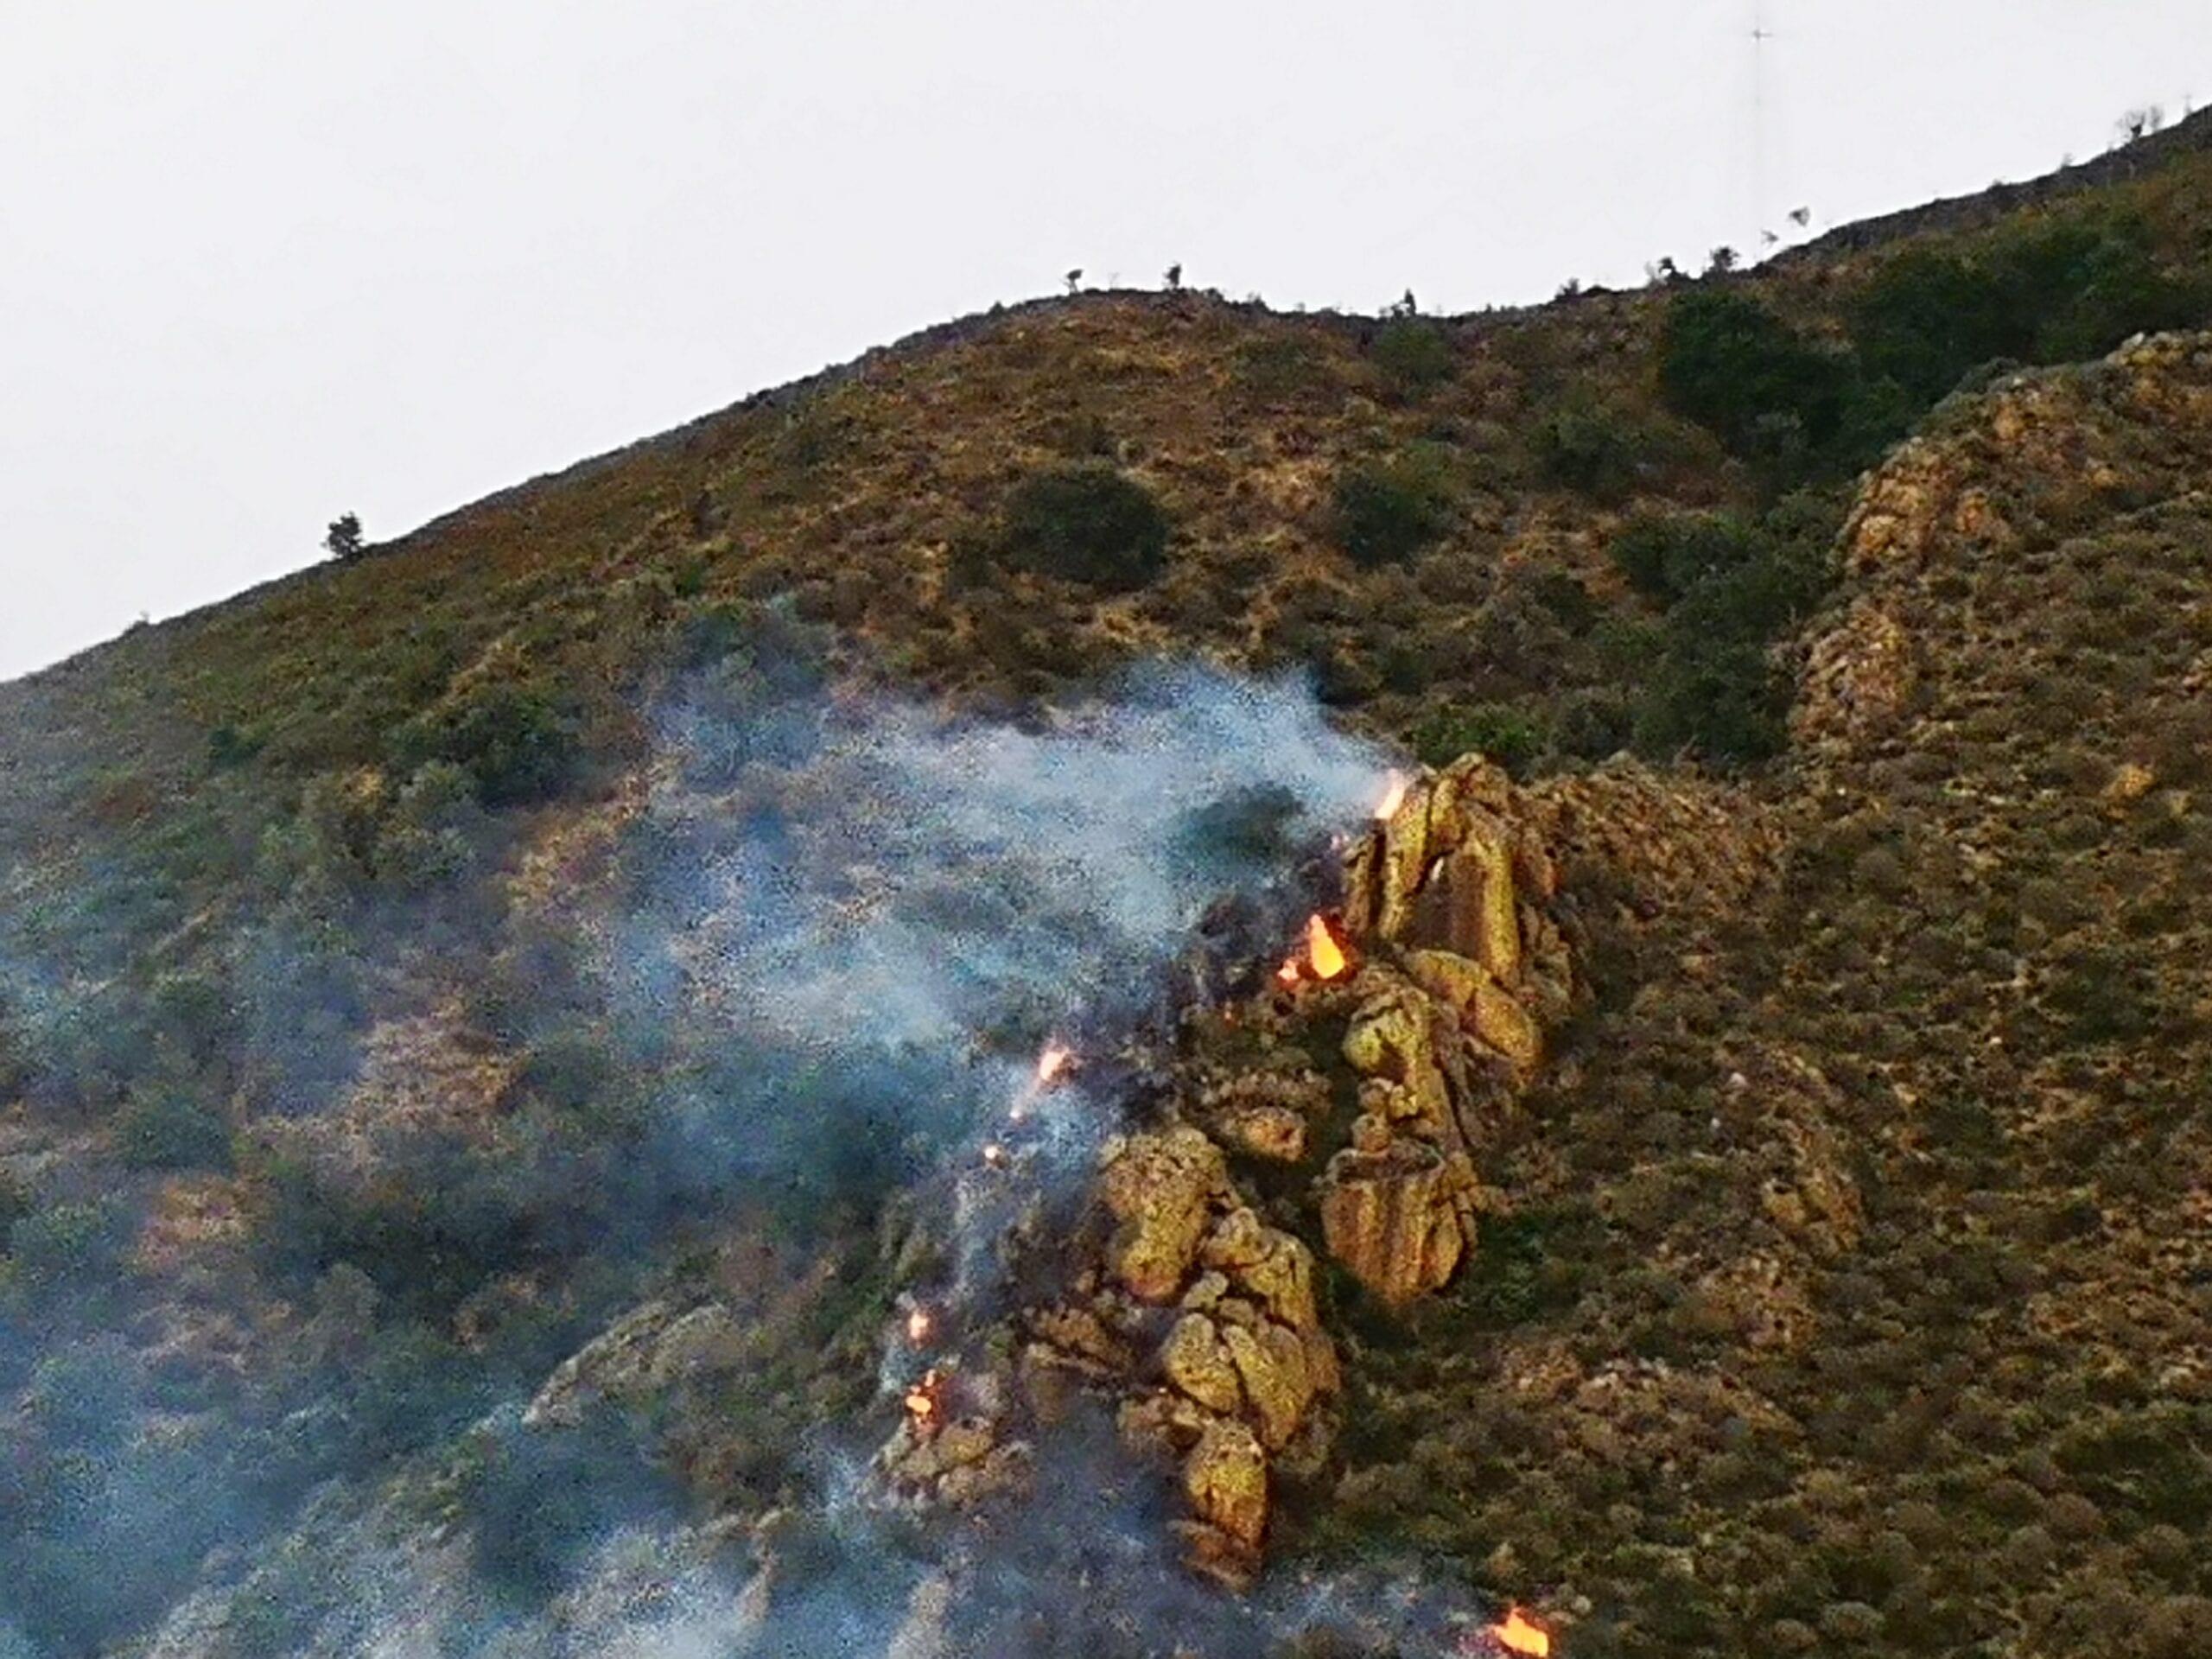 Barcellona PG. Incendio sulla collina di Lando